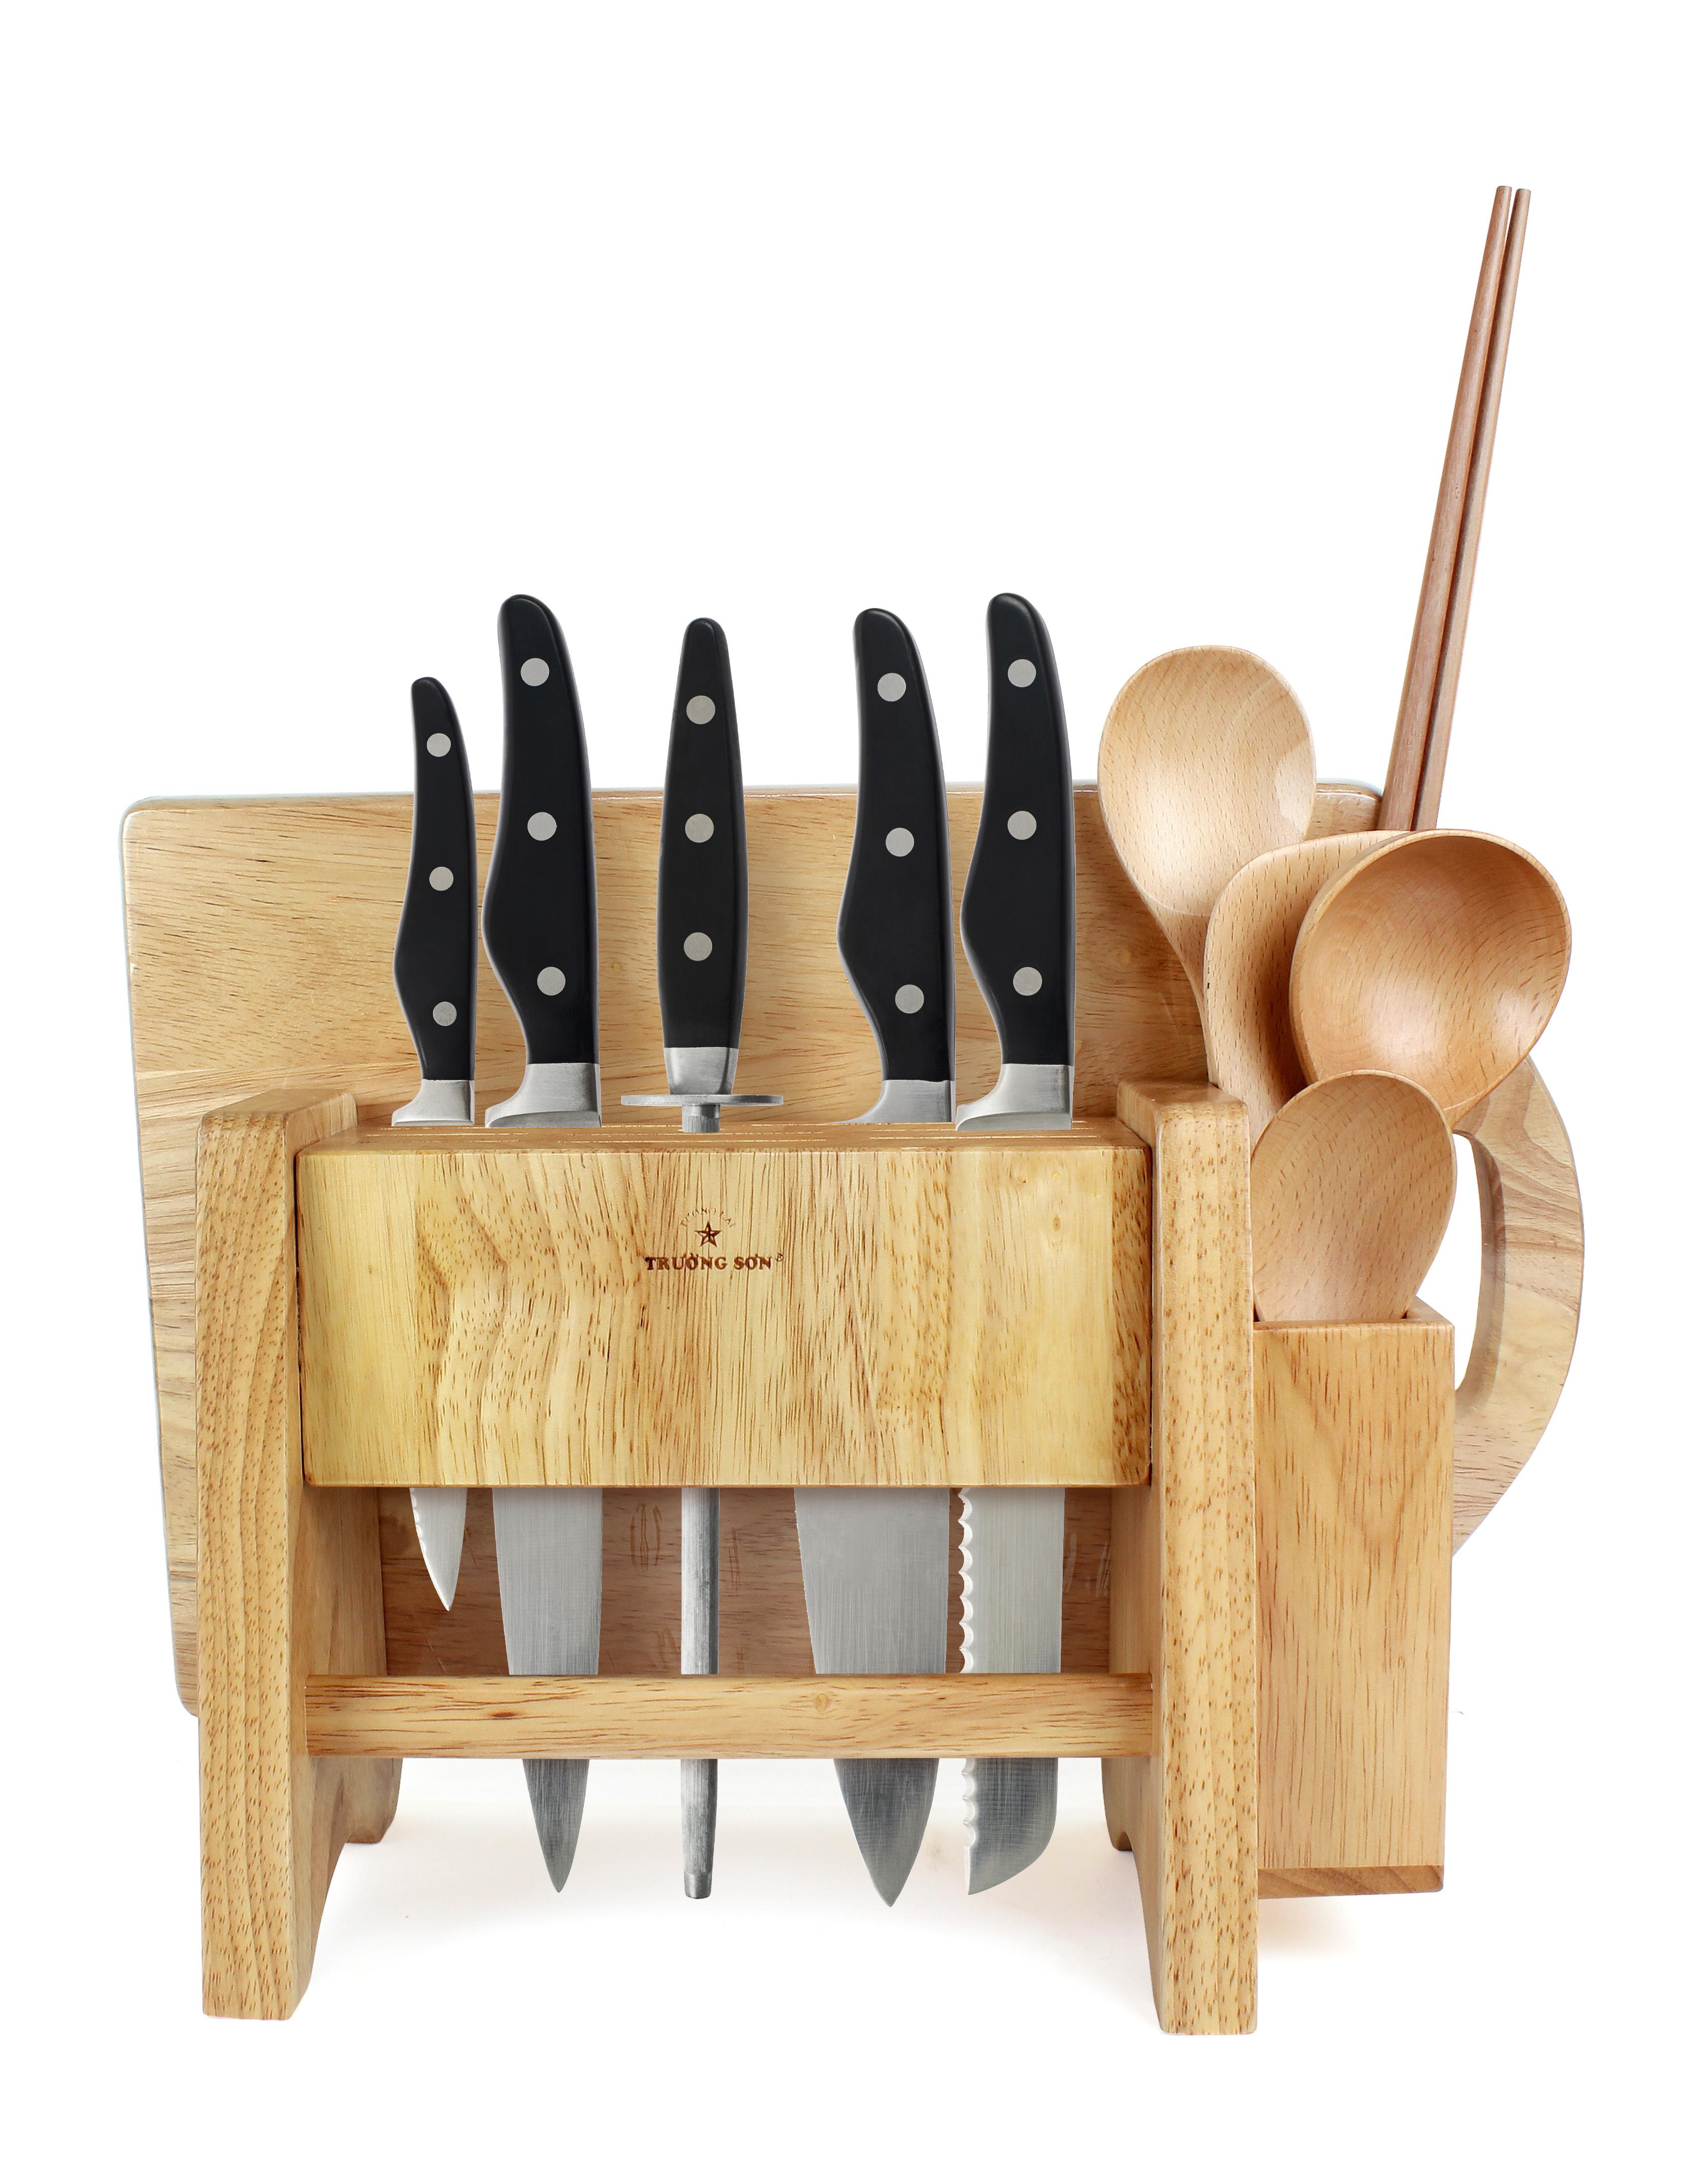 Tóc Tiên khoe kệ để dao kéo cực nhã nhặn, từ 150k bạn sắm được một chiếc hao hao - Ảnh 4.